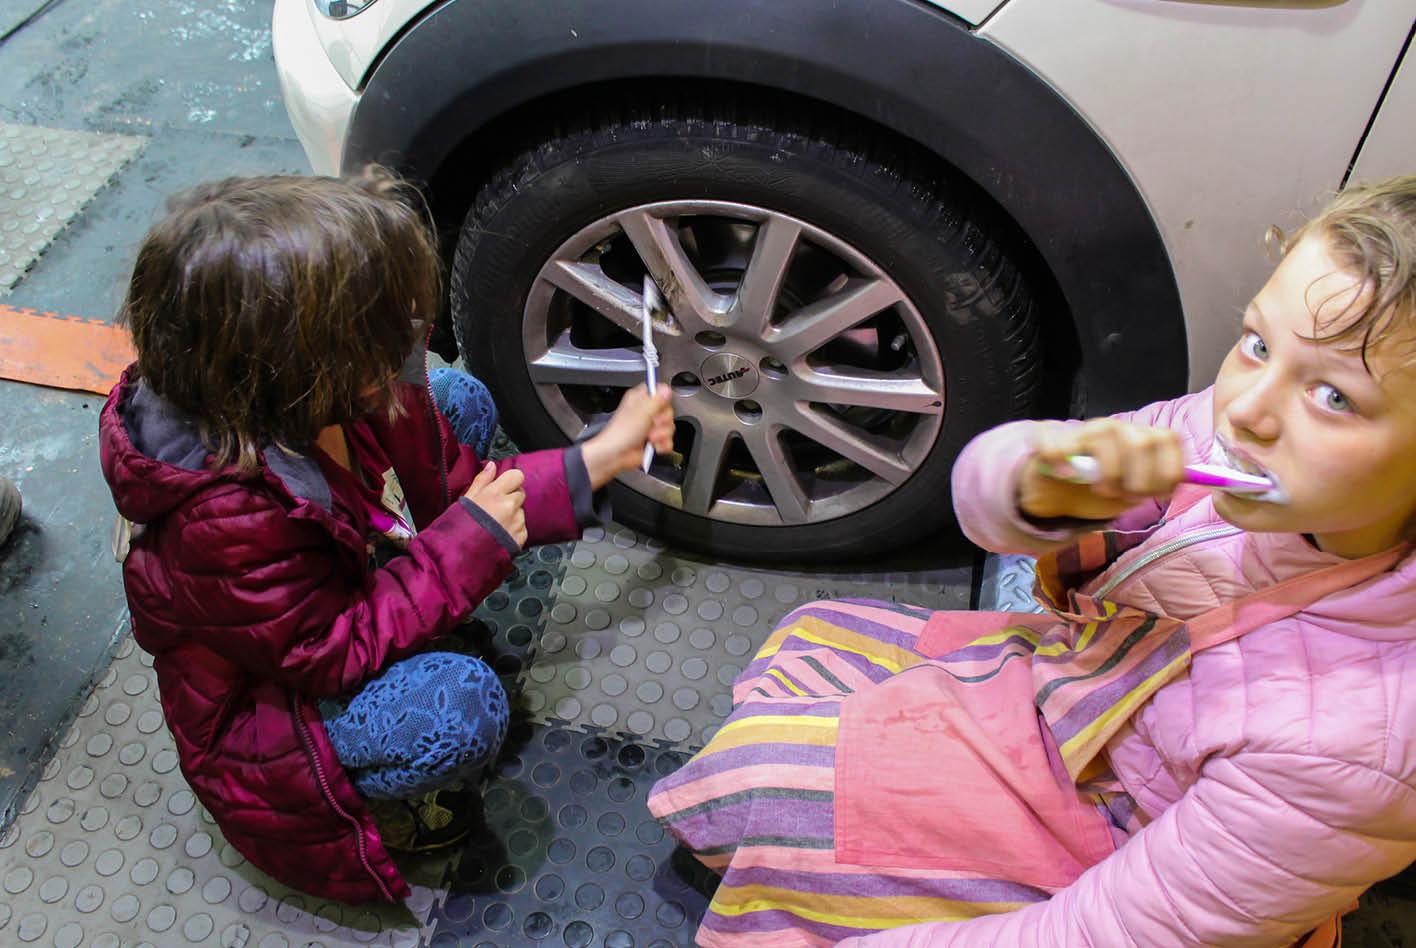 Kinder reinigen die Autofelgen mit ausgedienten Zahnbürsten.